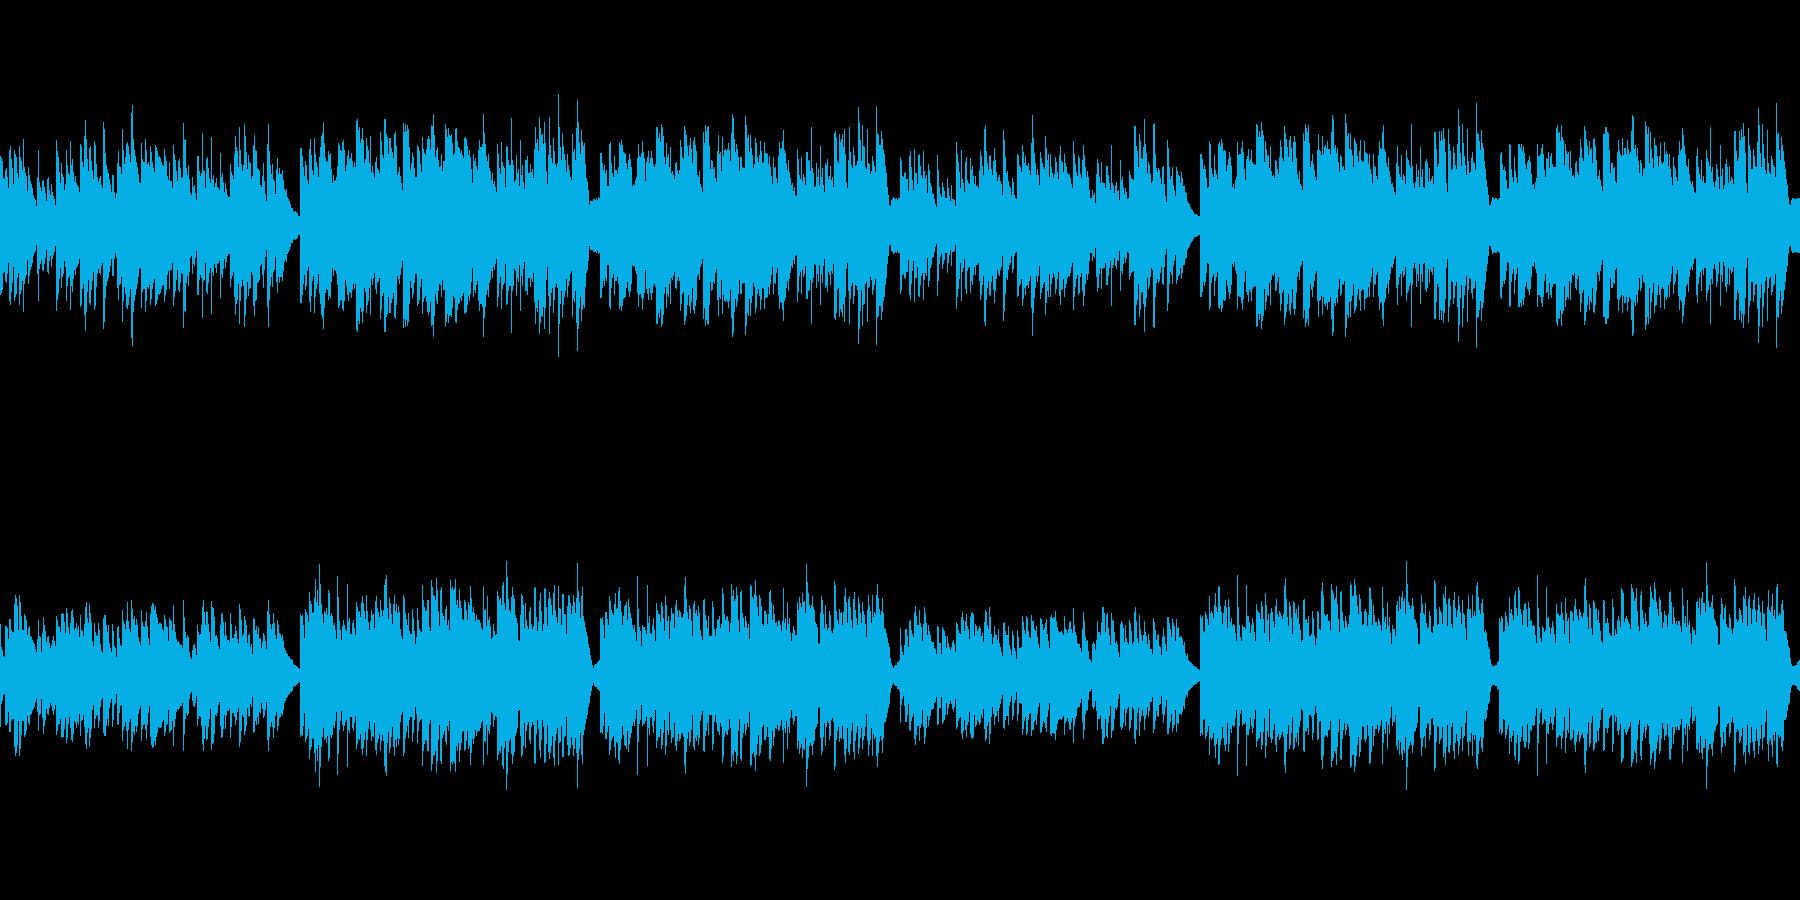 【ドラム抜き】のどかでしっとりした雰囲…の再生済みの波形